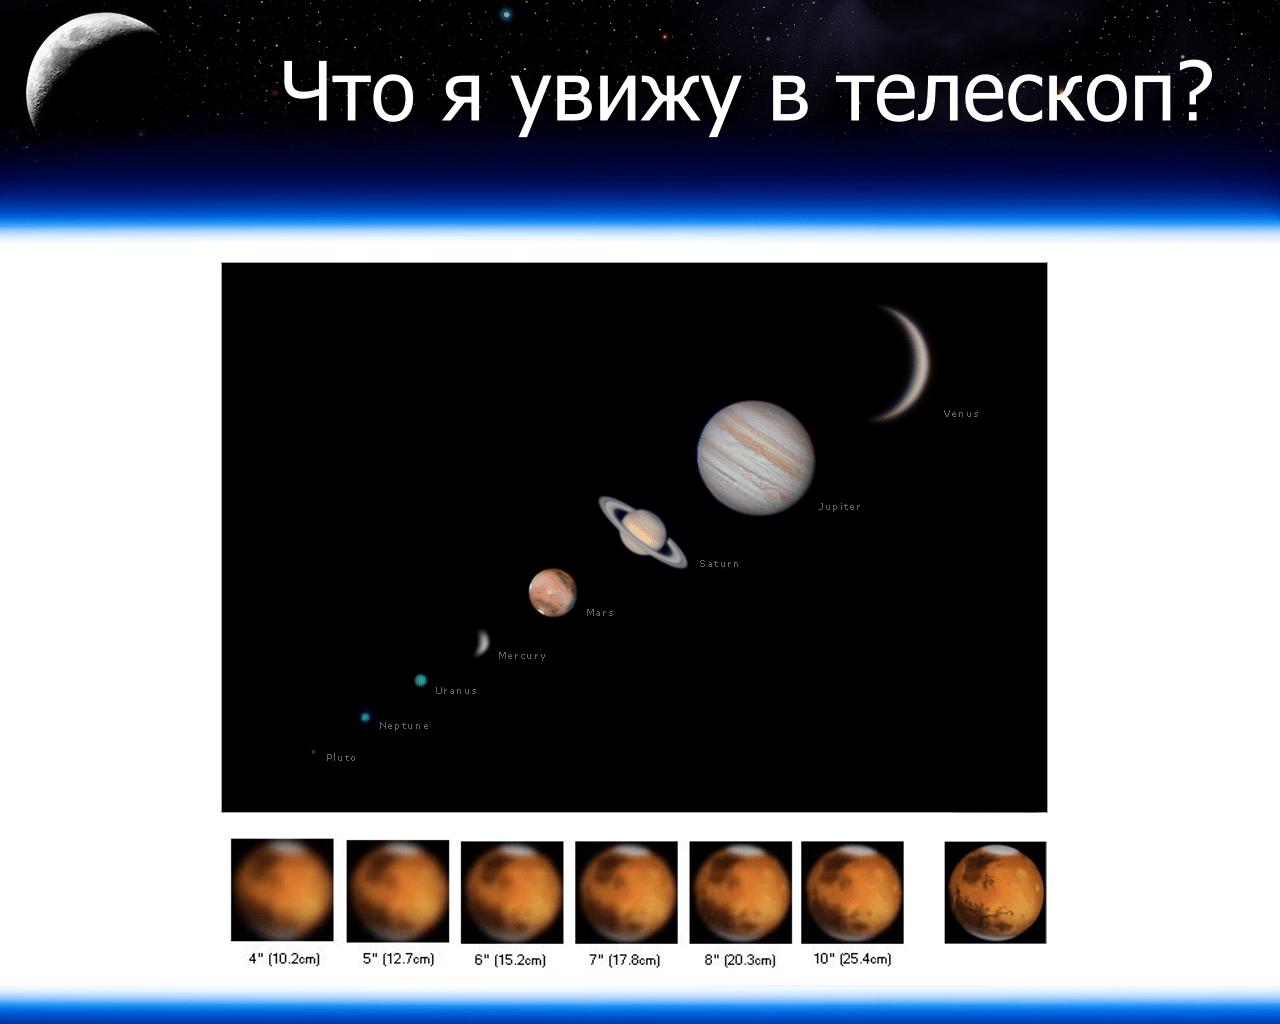 viziune telescopică cum să se dezvolte și